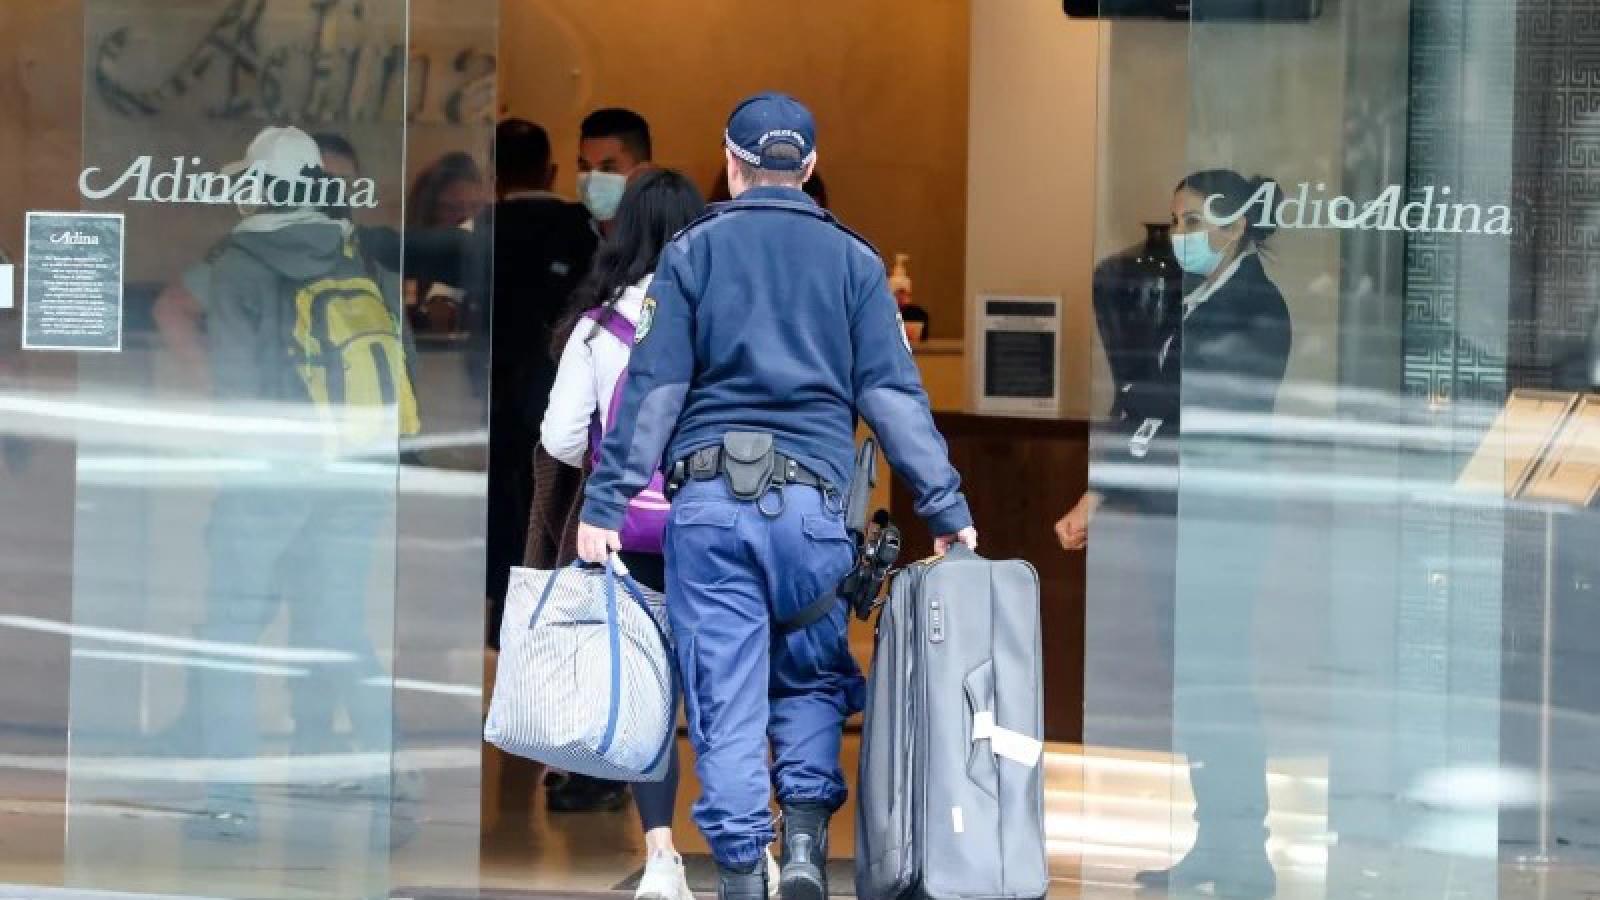 Australia cân nhắc giảm số người nhập cảnh để đảm bảo cách ly an toàn